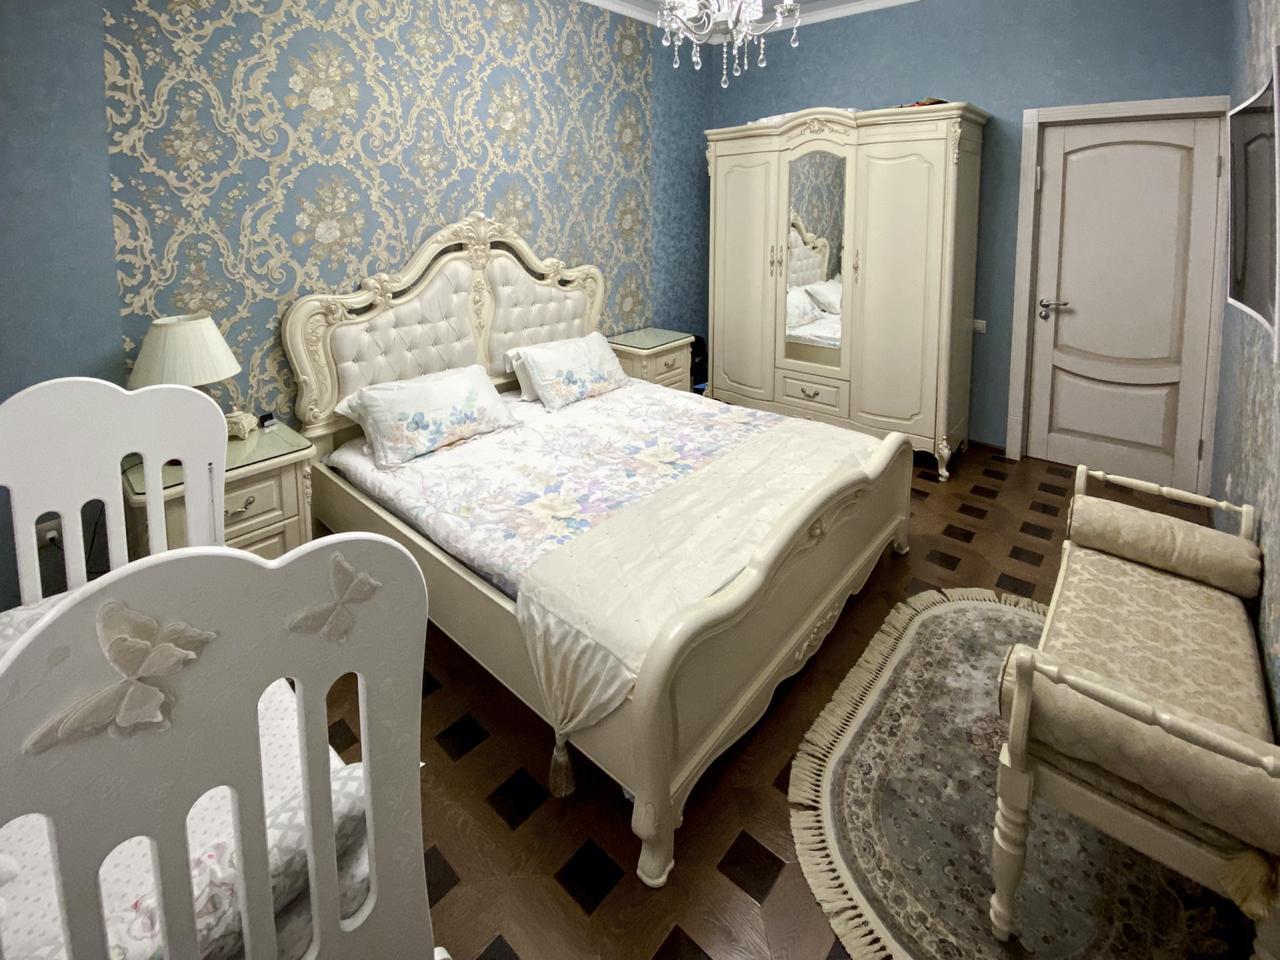 Срочно продается элитная 2-комнатная квартира в Ессентуках, рядом с курортной зоной, ул. Новопятигорская 1